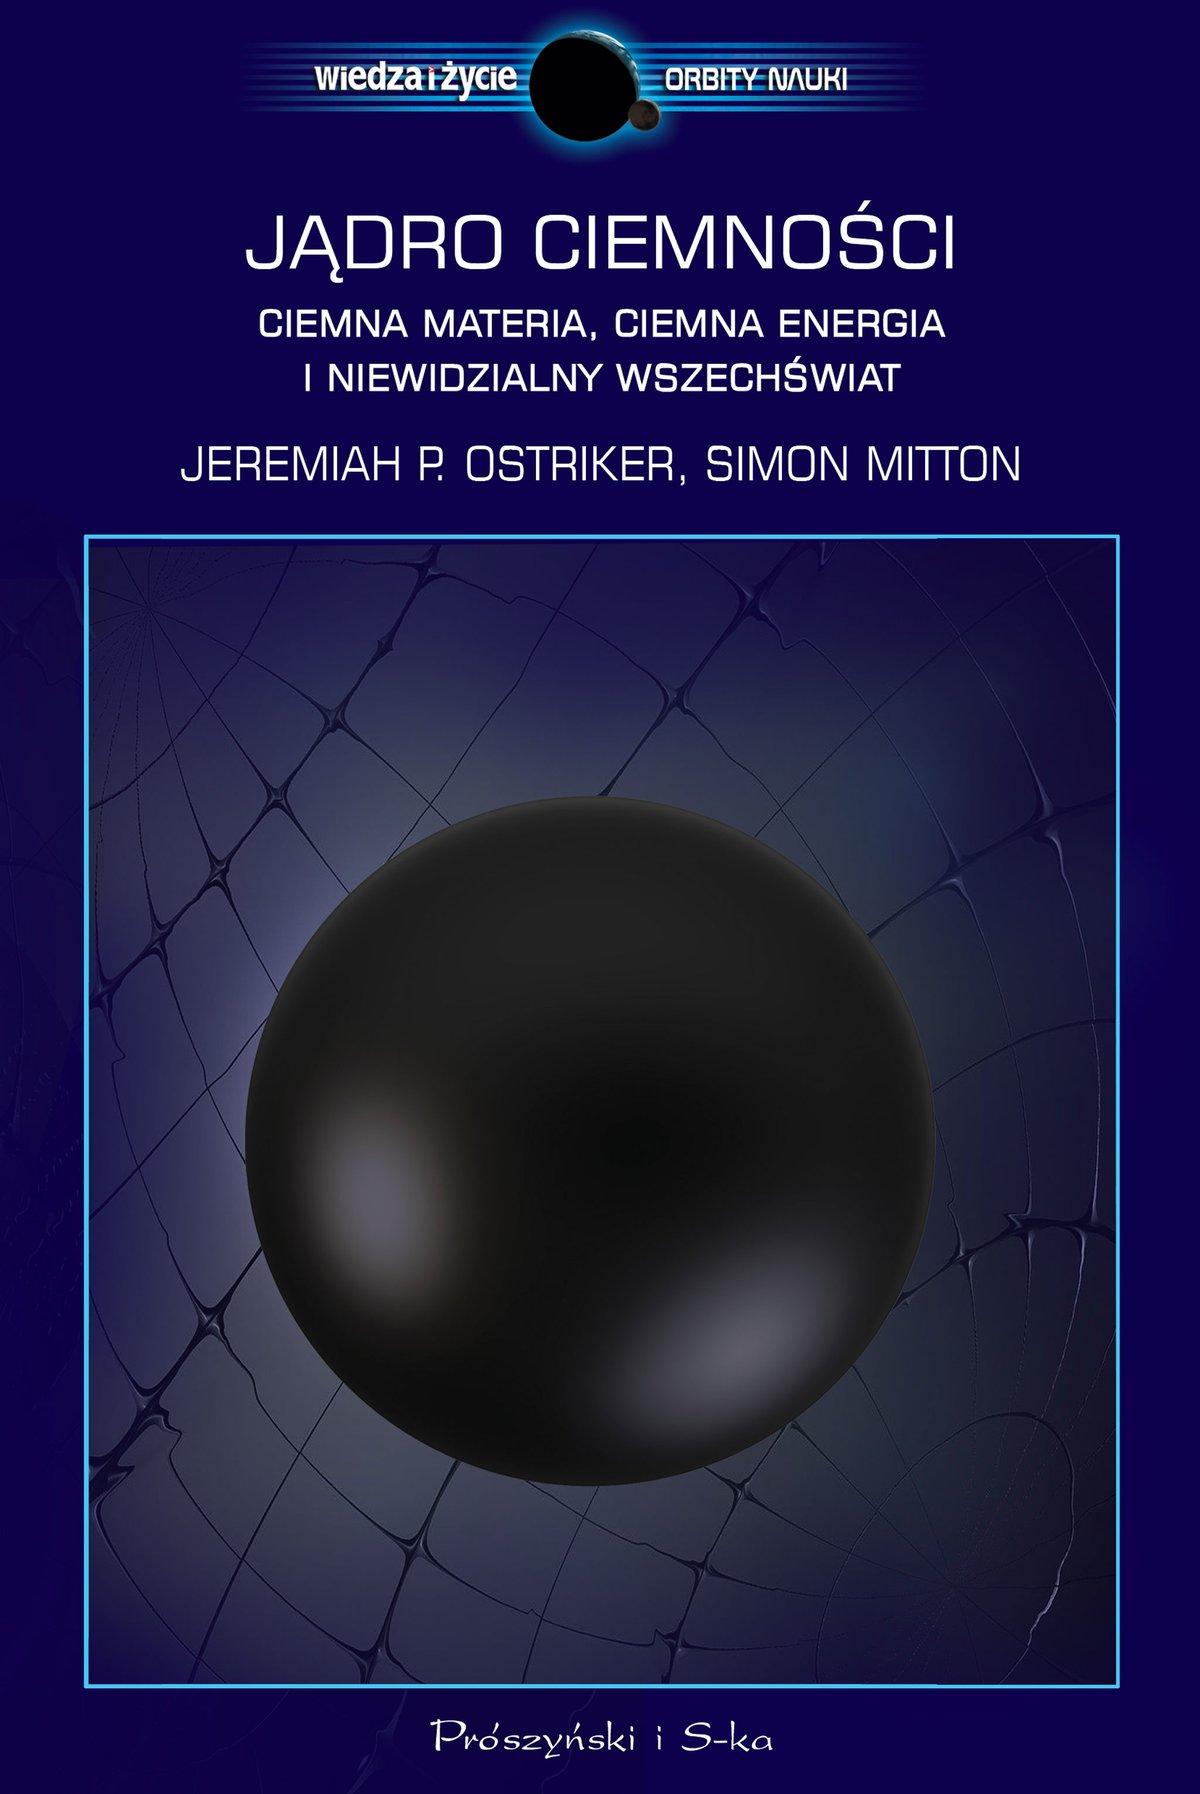 Jadro ciemności - Ebook (Książka na Kindle) do pobrania w formacie MOBI